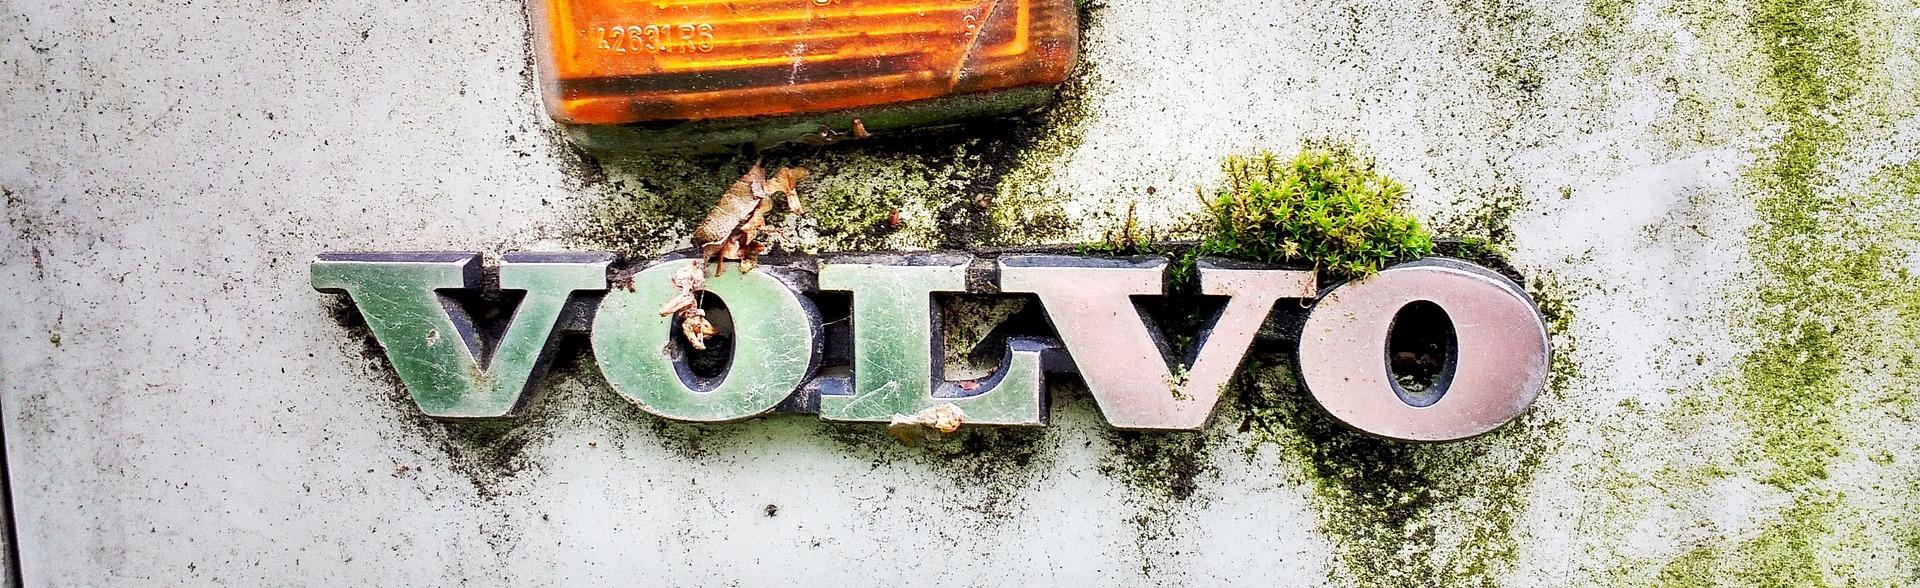 Volvo marketing, Ban garage